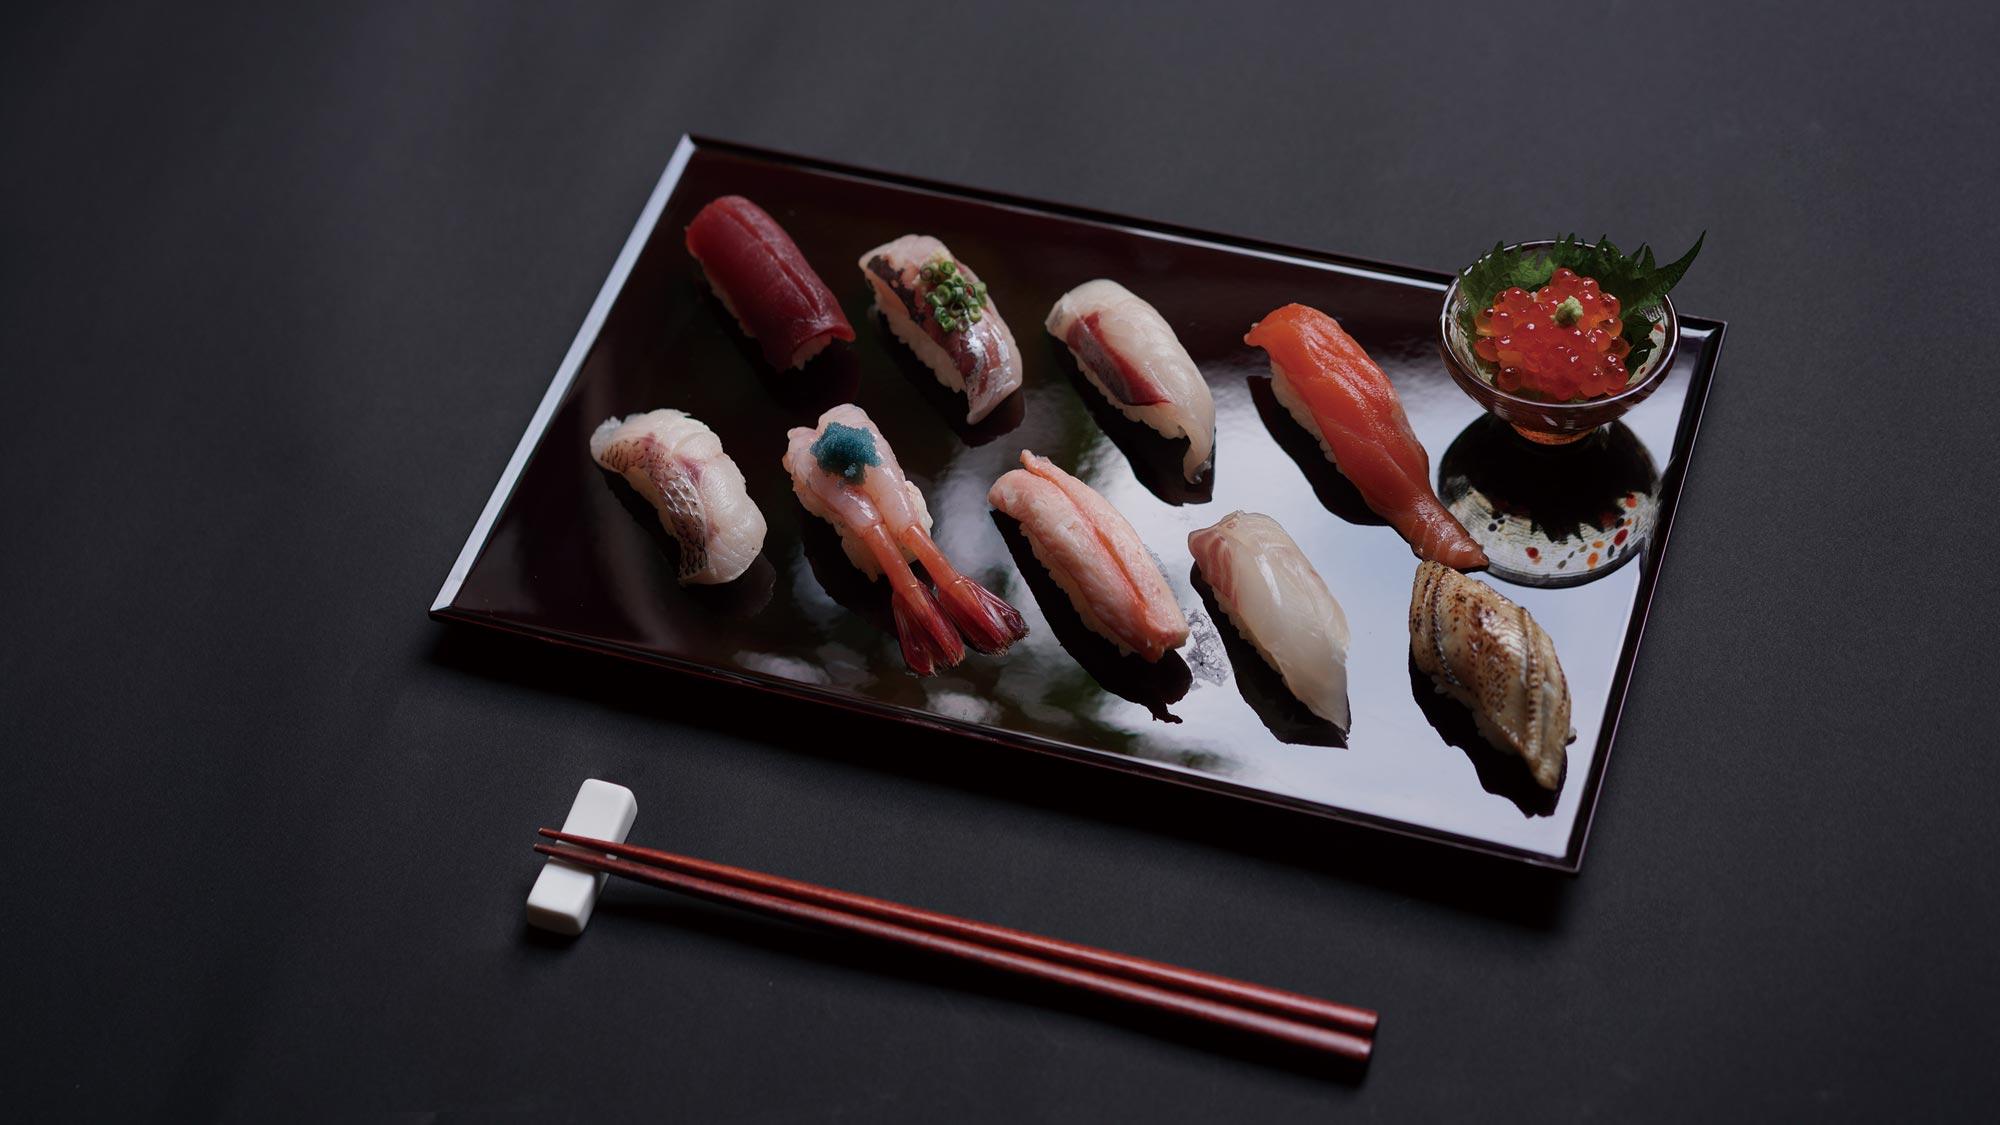 鮨 風和利のMENU Hyakumangoku Zeitaku Sushiの画像です。